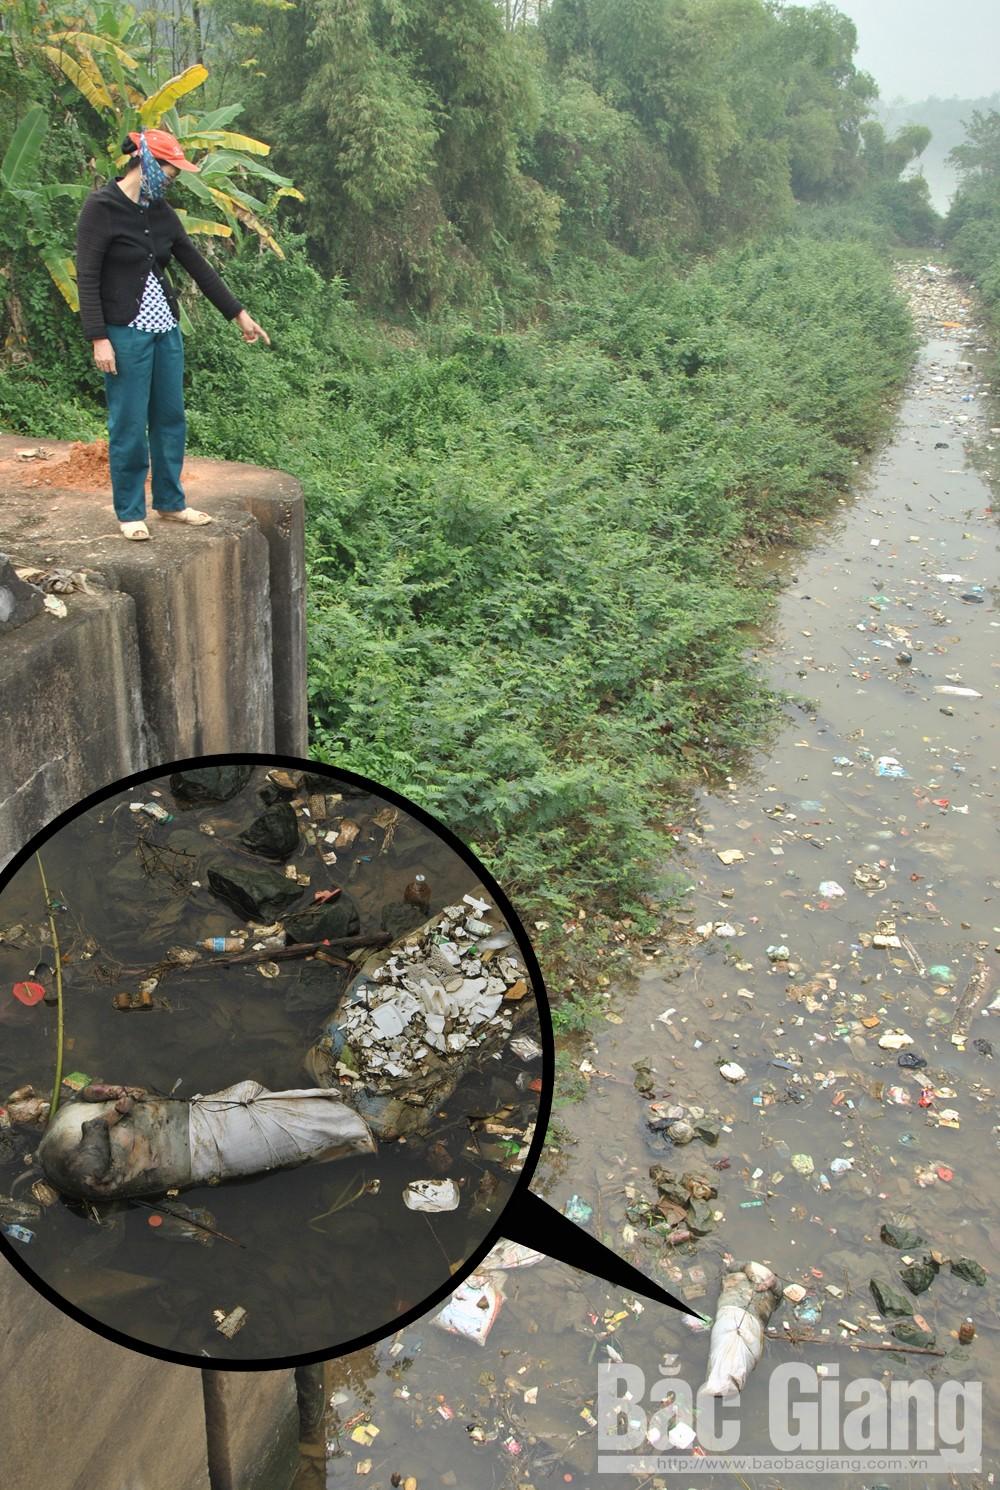 Cần xử lý dứt điểm tình trạng vứt rác, xác động vật xuống lòng kênh Chính, Tân Yên, xác lợn chết